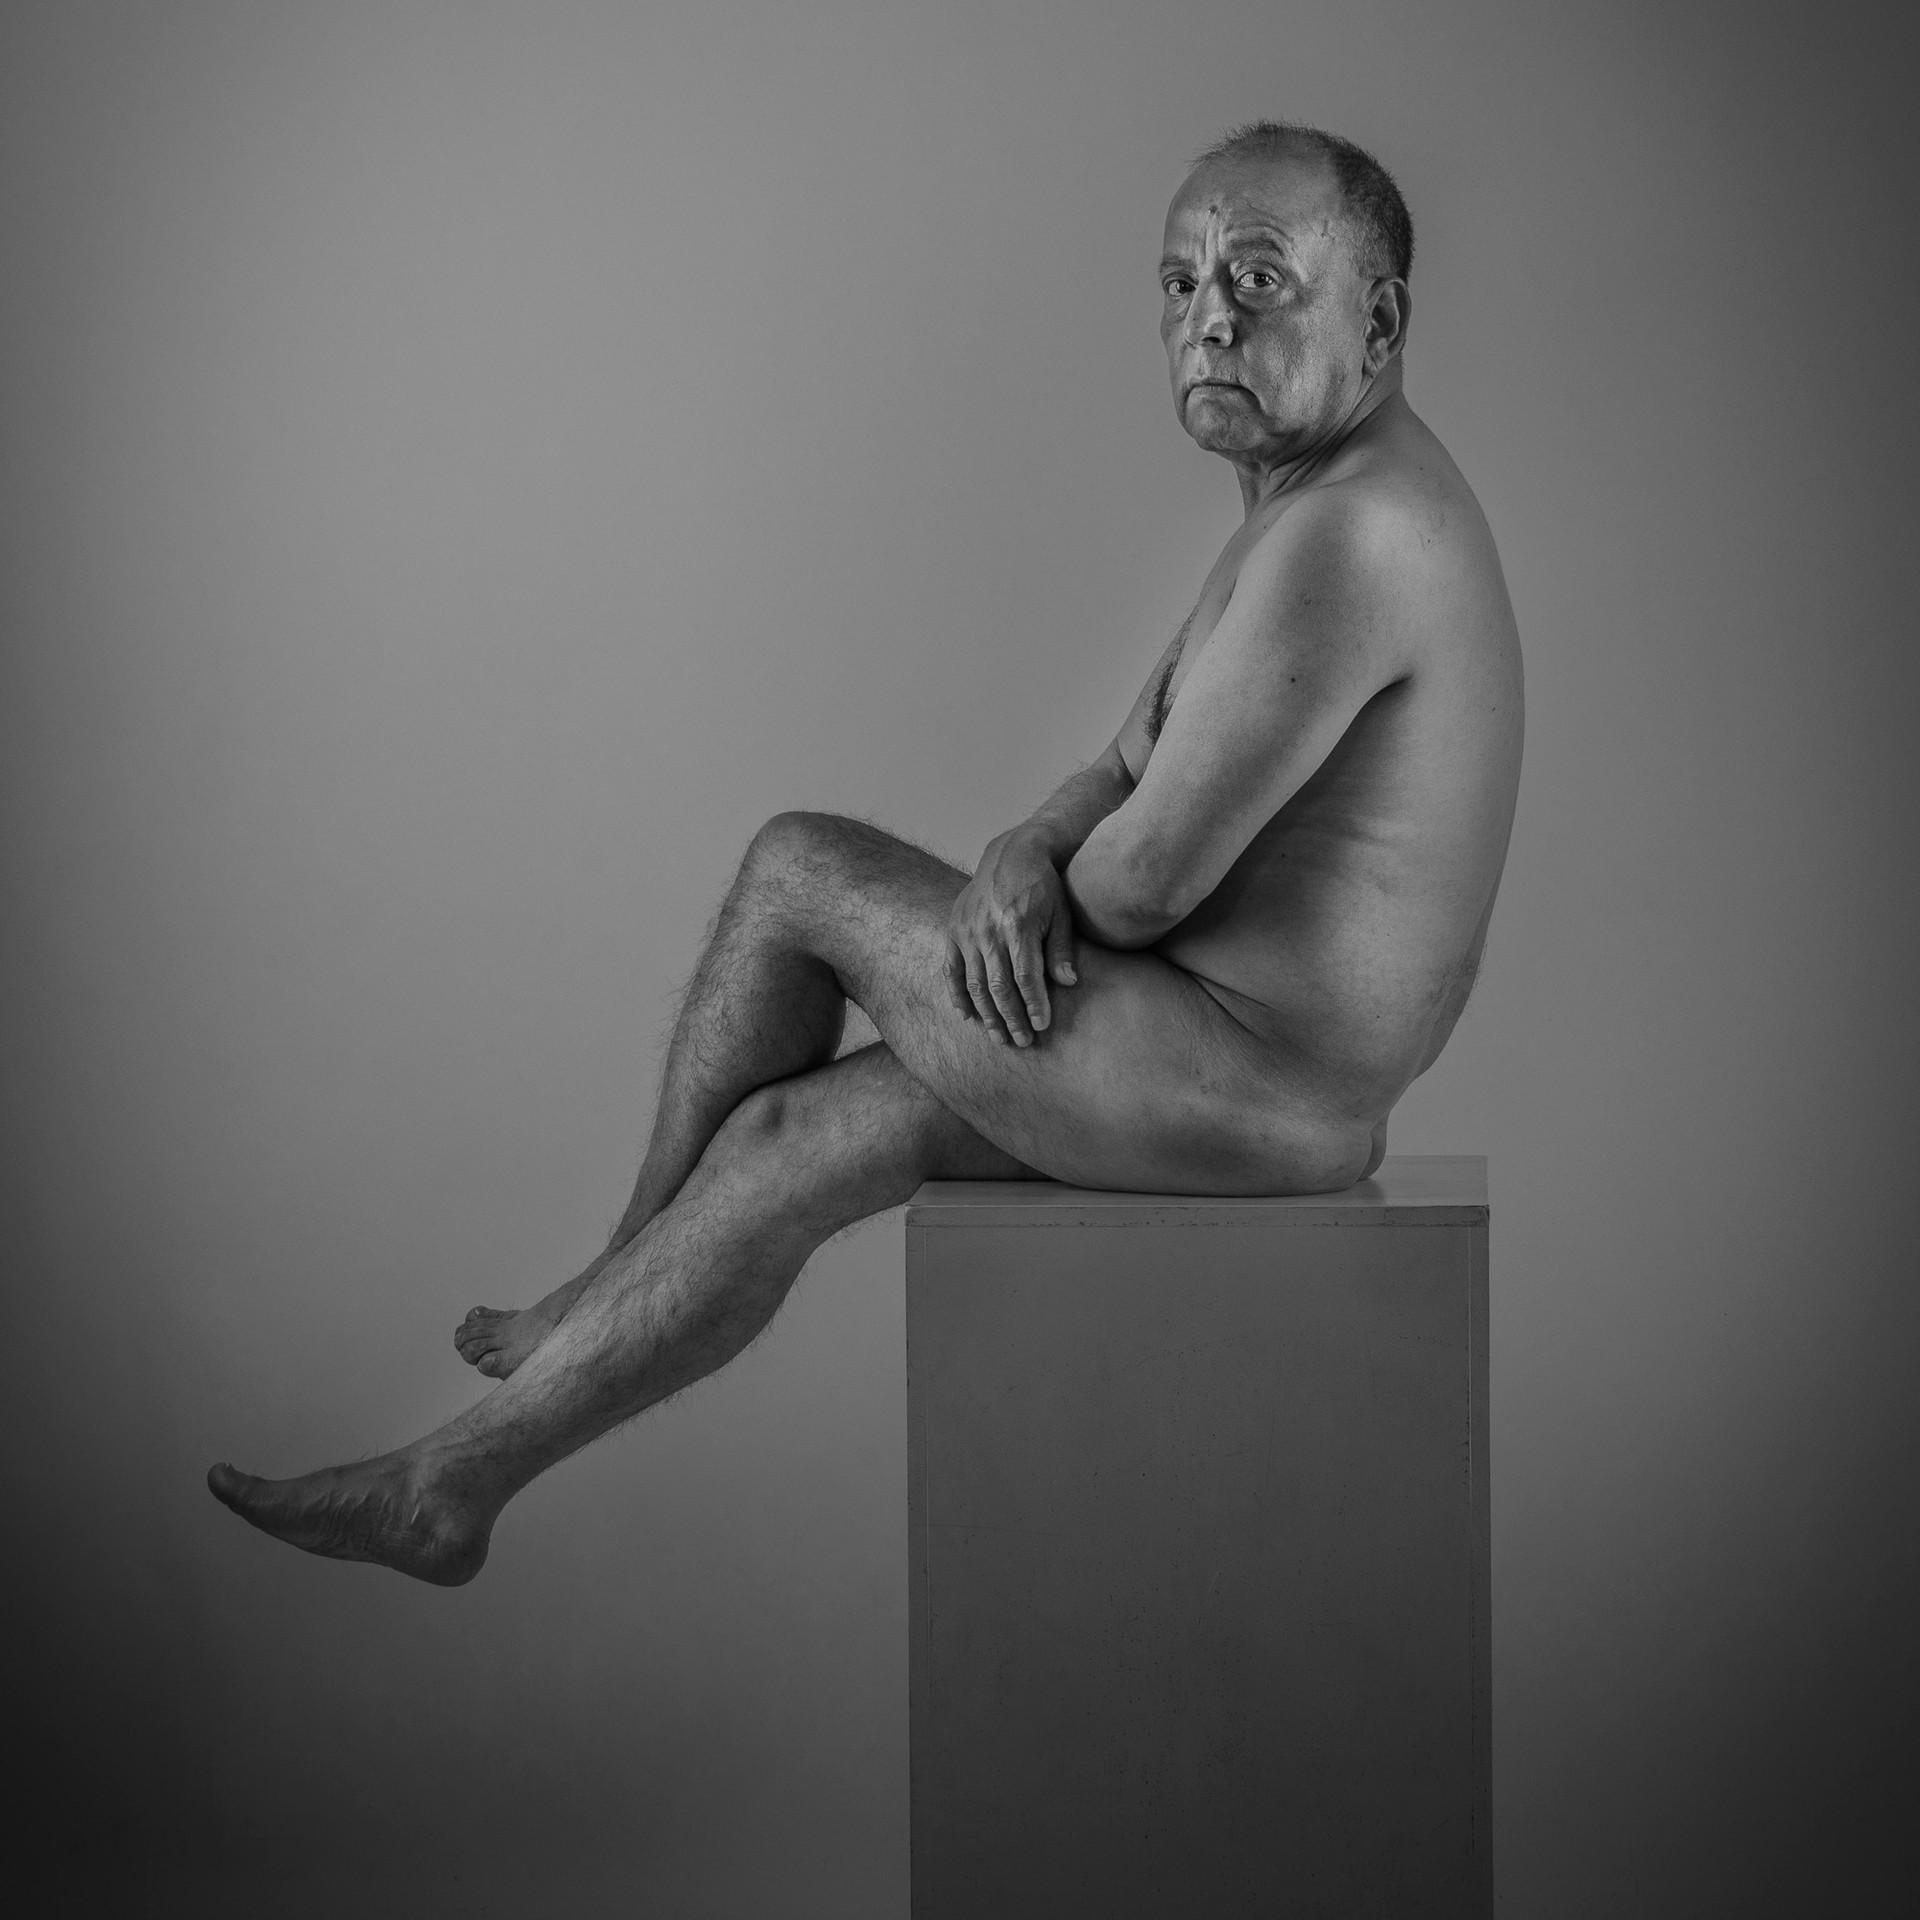 Retrato-Desnudo - Nude Portrait